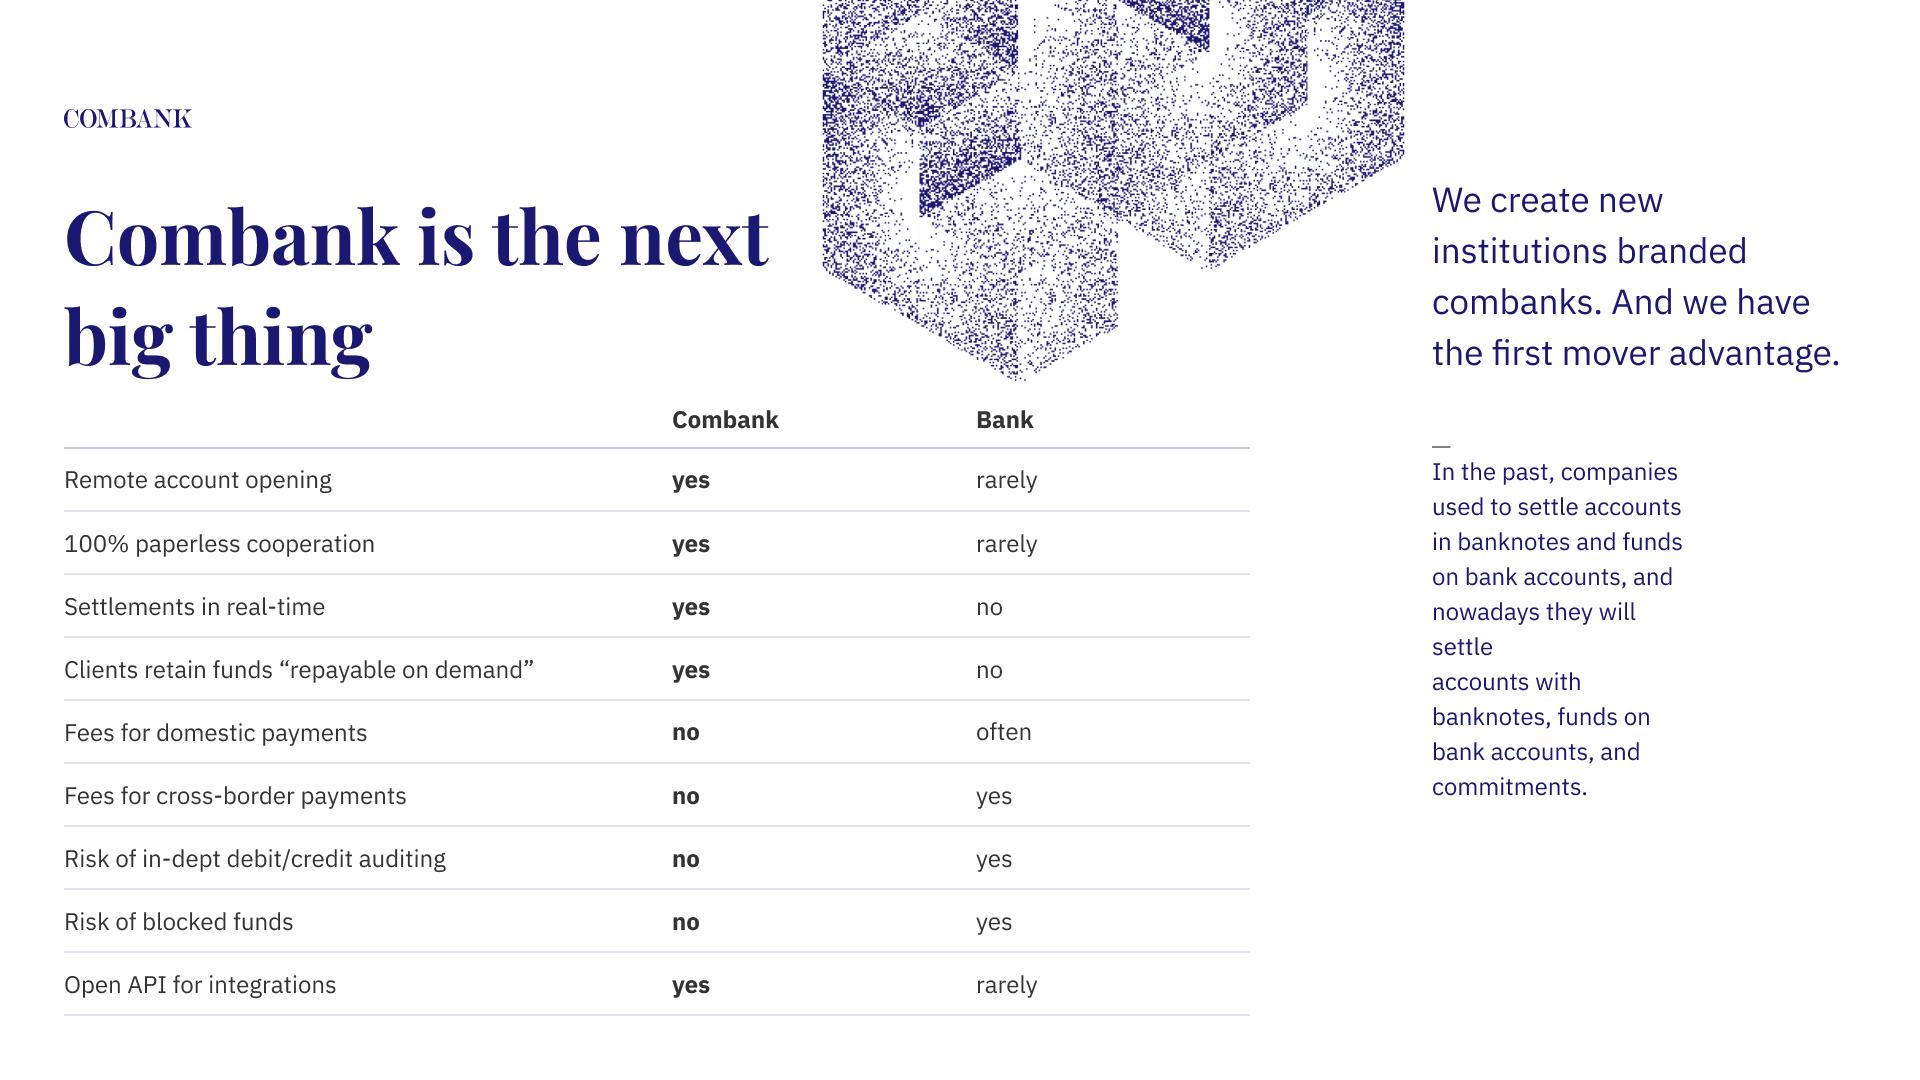 Конкурс 2. Дизайн презентации. Акцент на UX. Текст и четкое ТЗ в приложении. фото f_8925eff899d45790.jpg